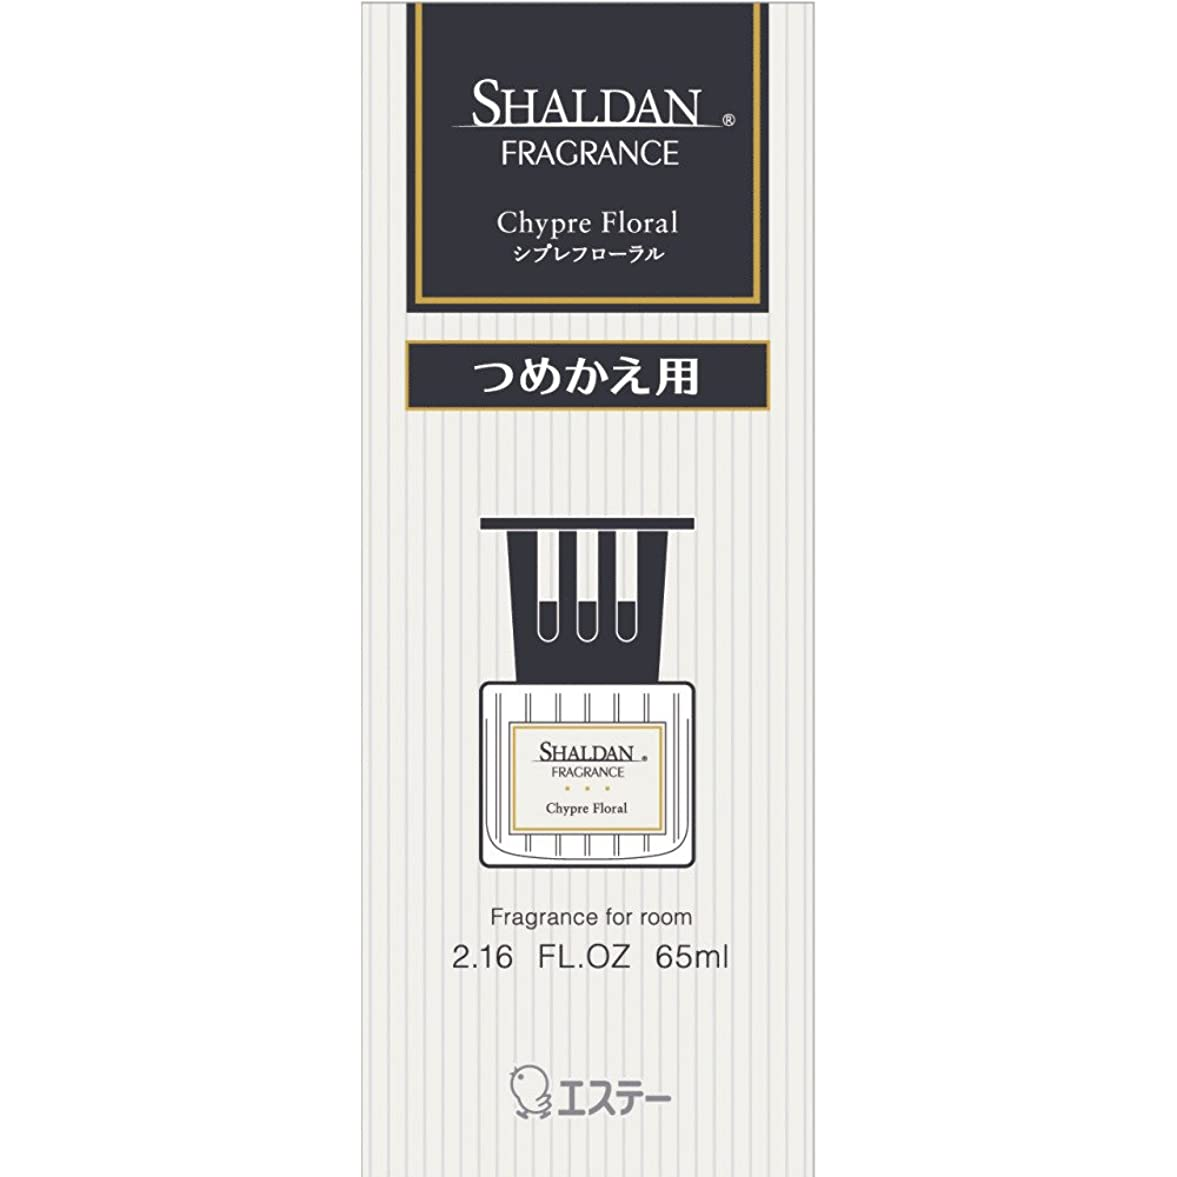 削除するショップ腐食するシャルダン SHALDAN フレグランス 消臭芳香剤 部屋用 つめかえ シプレフローラル 65ml